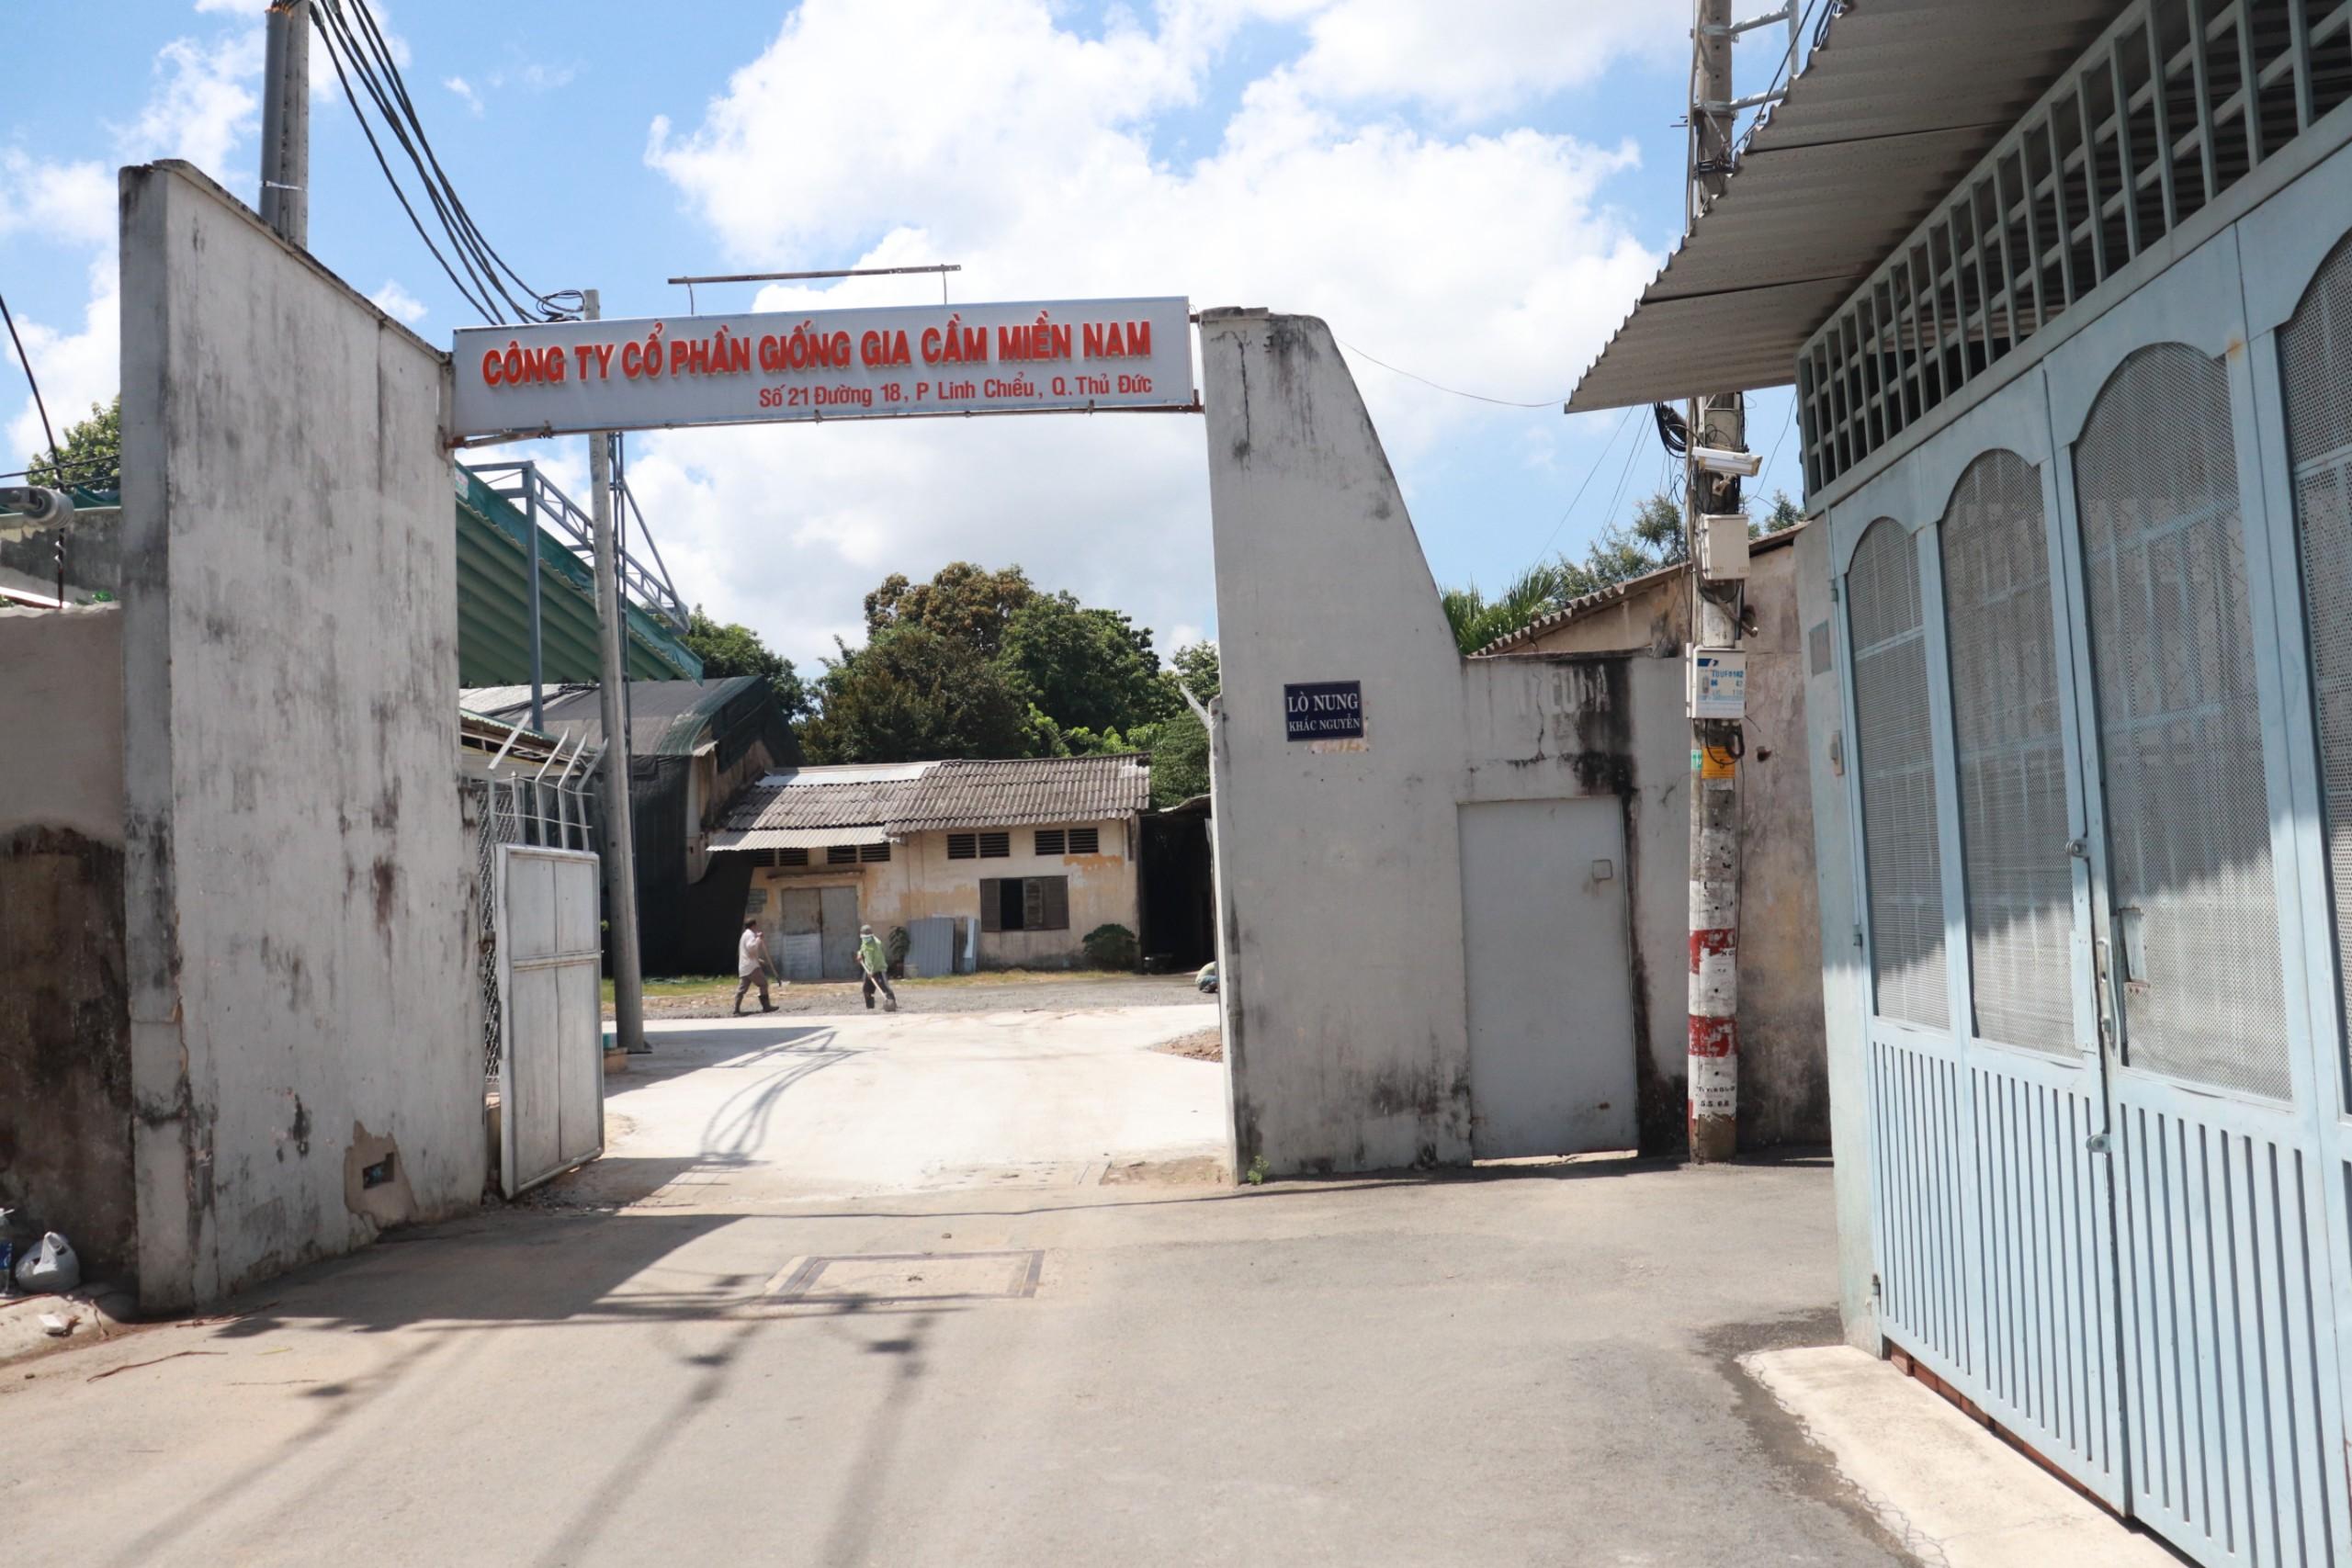 4 khu đất dính quy hoạch tại phường Linh Chiểu, TP Thủ Đức - Ảnh 15.